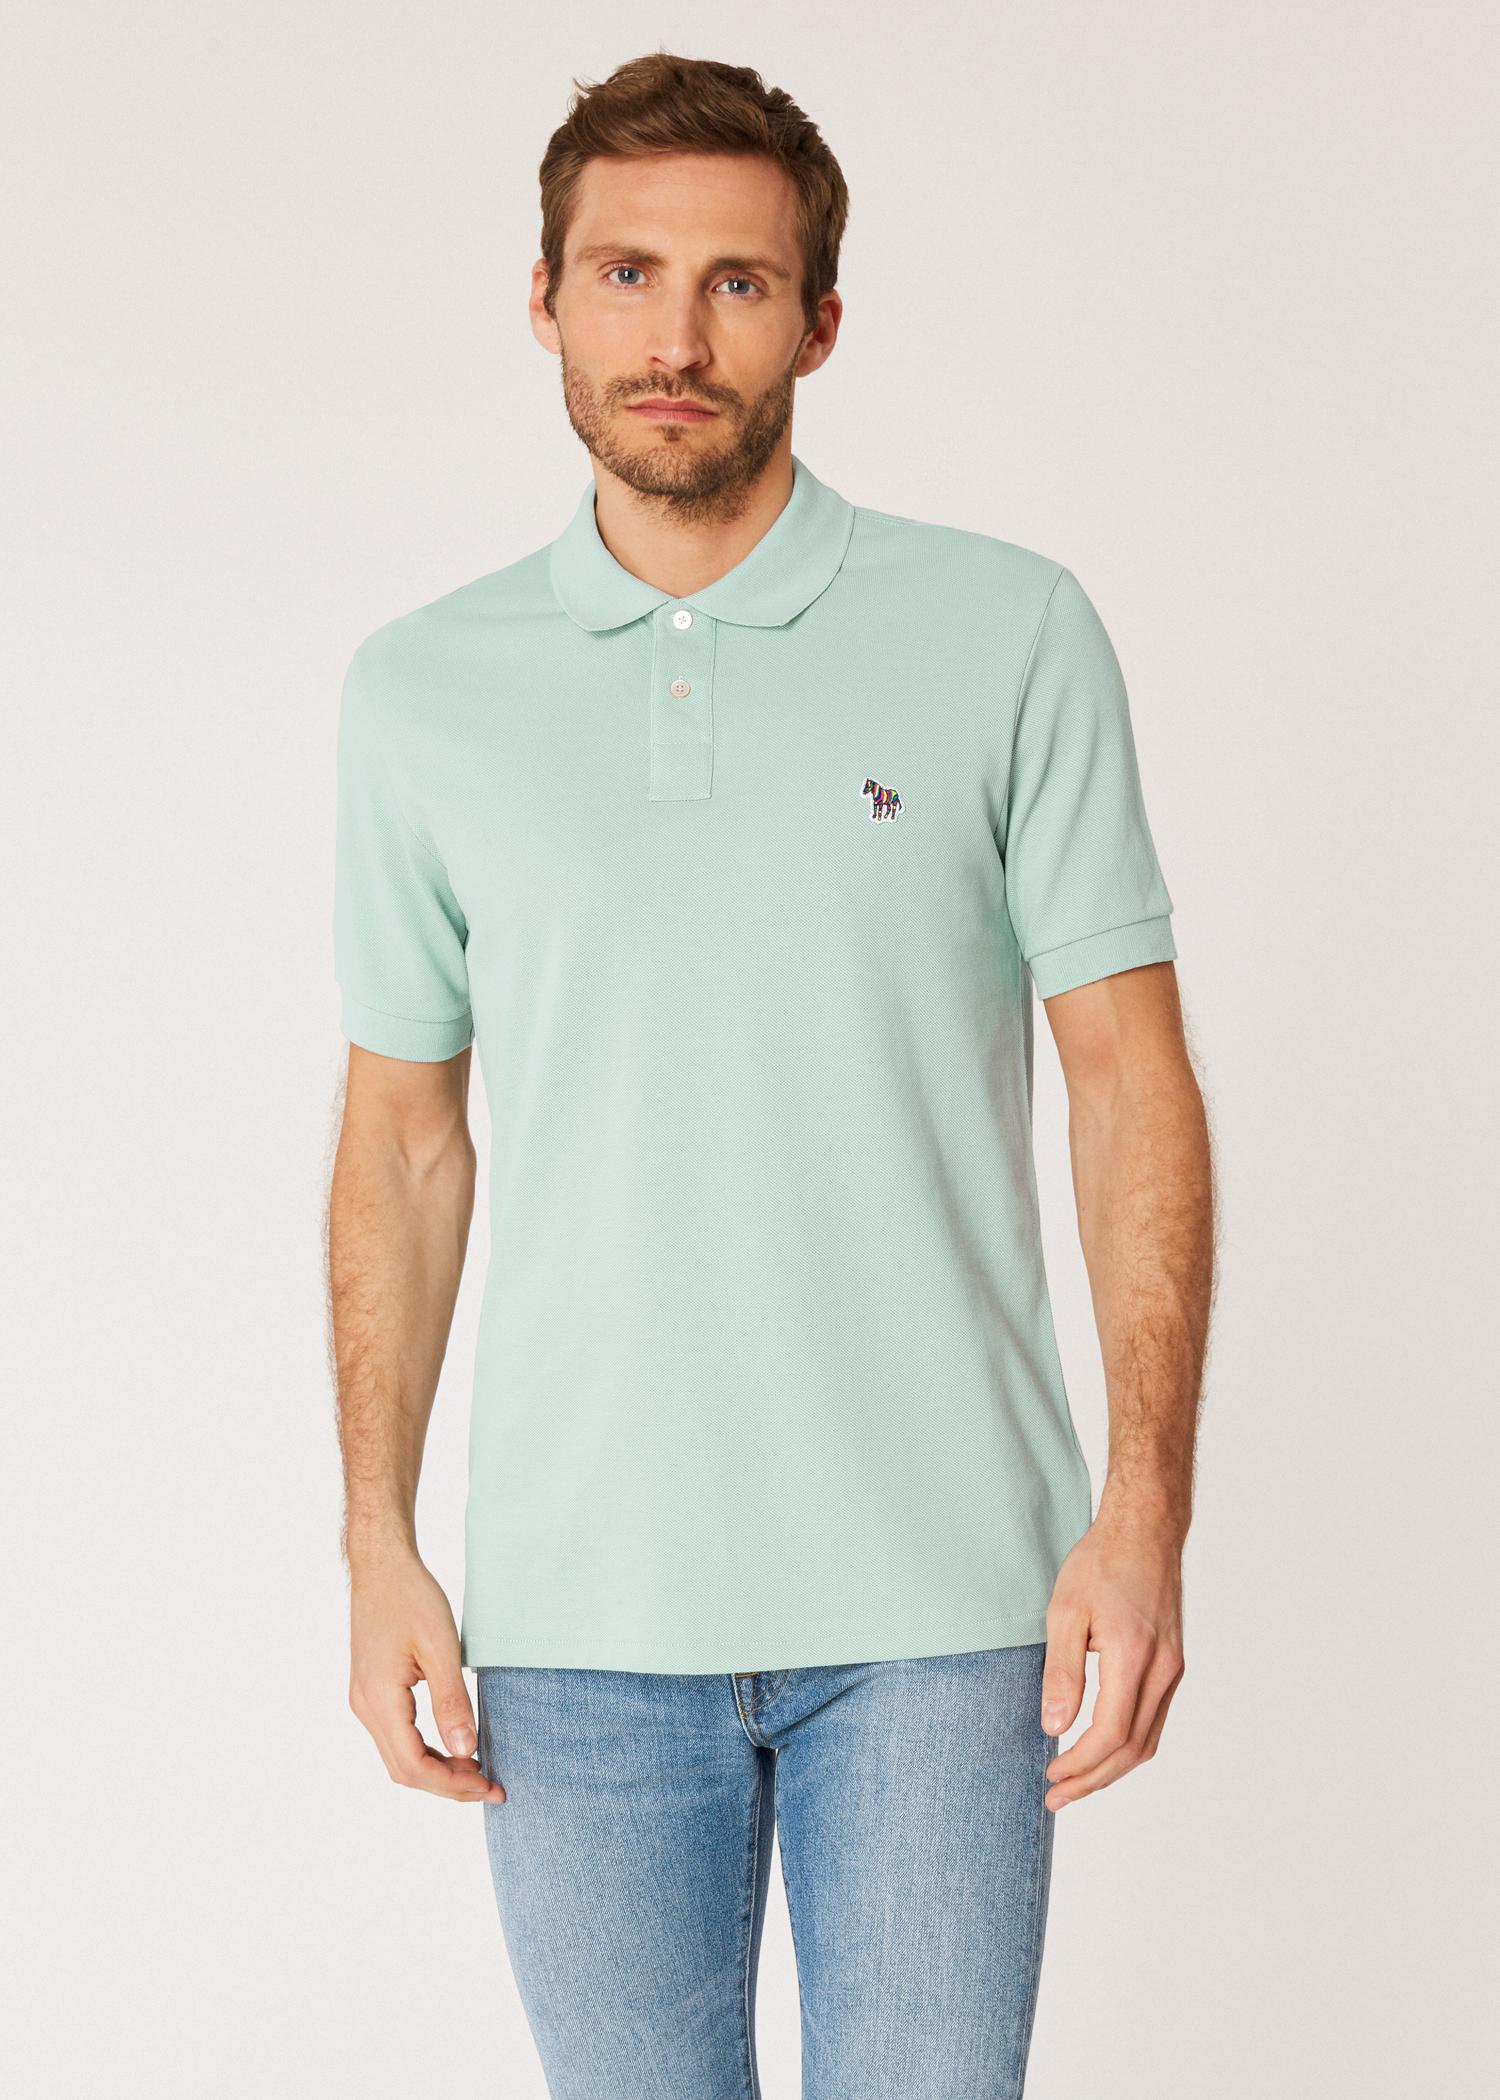 150824dc Model front close up - Men's Mint Organic Cotton-Piqué Zebra Logo Polo  Shirt Paul